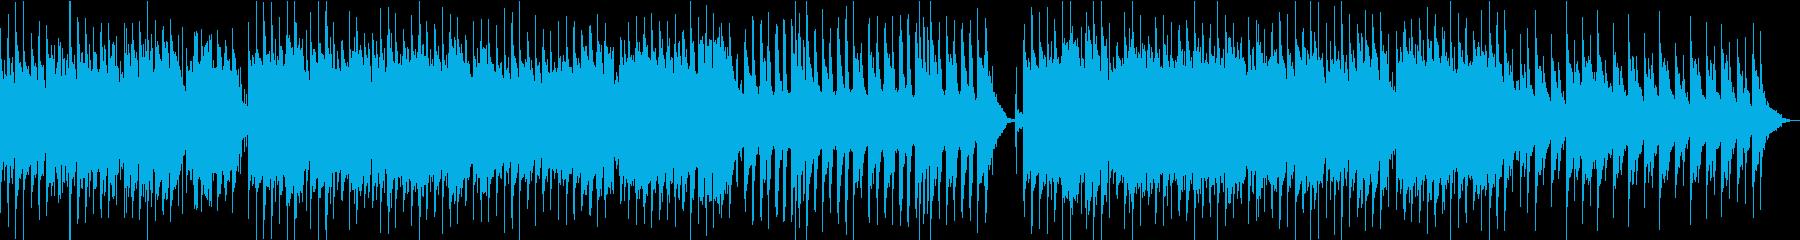 ドラマチックなピアノオーケストラ風BGMの再生済みの波形